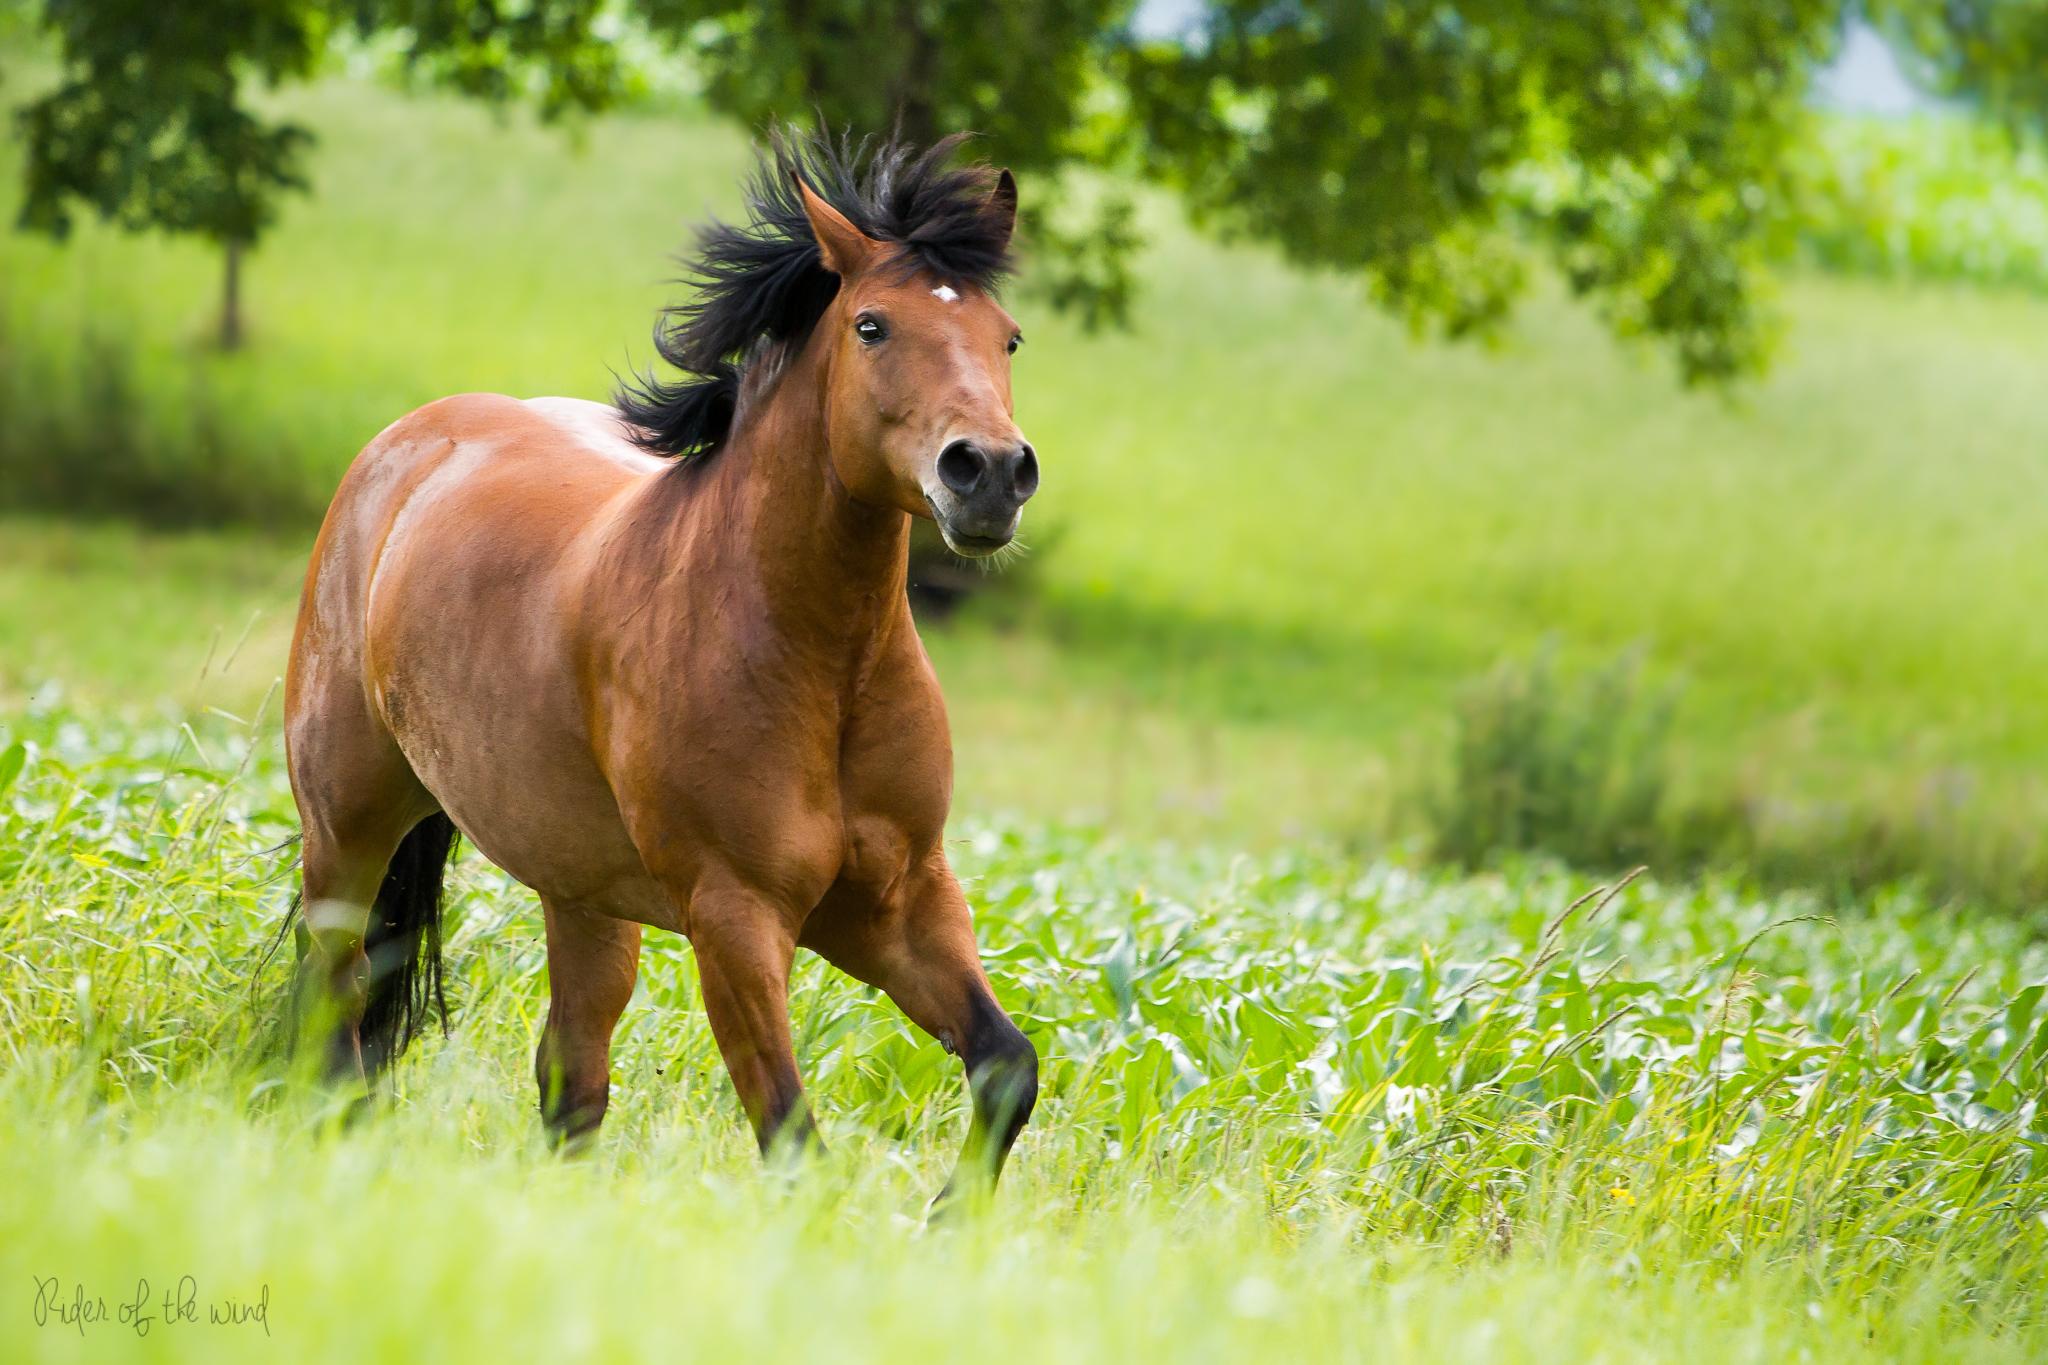 Лошадь картинки большого разрешения